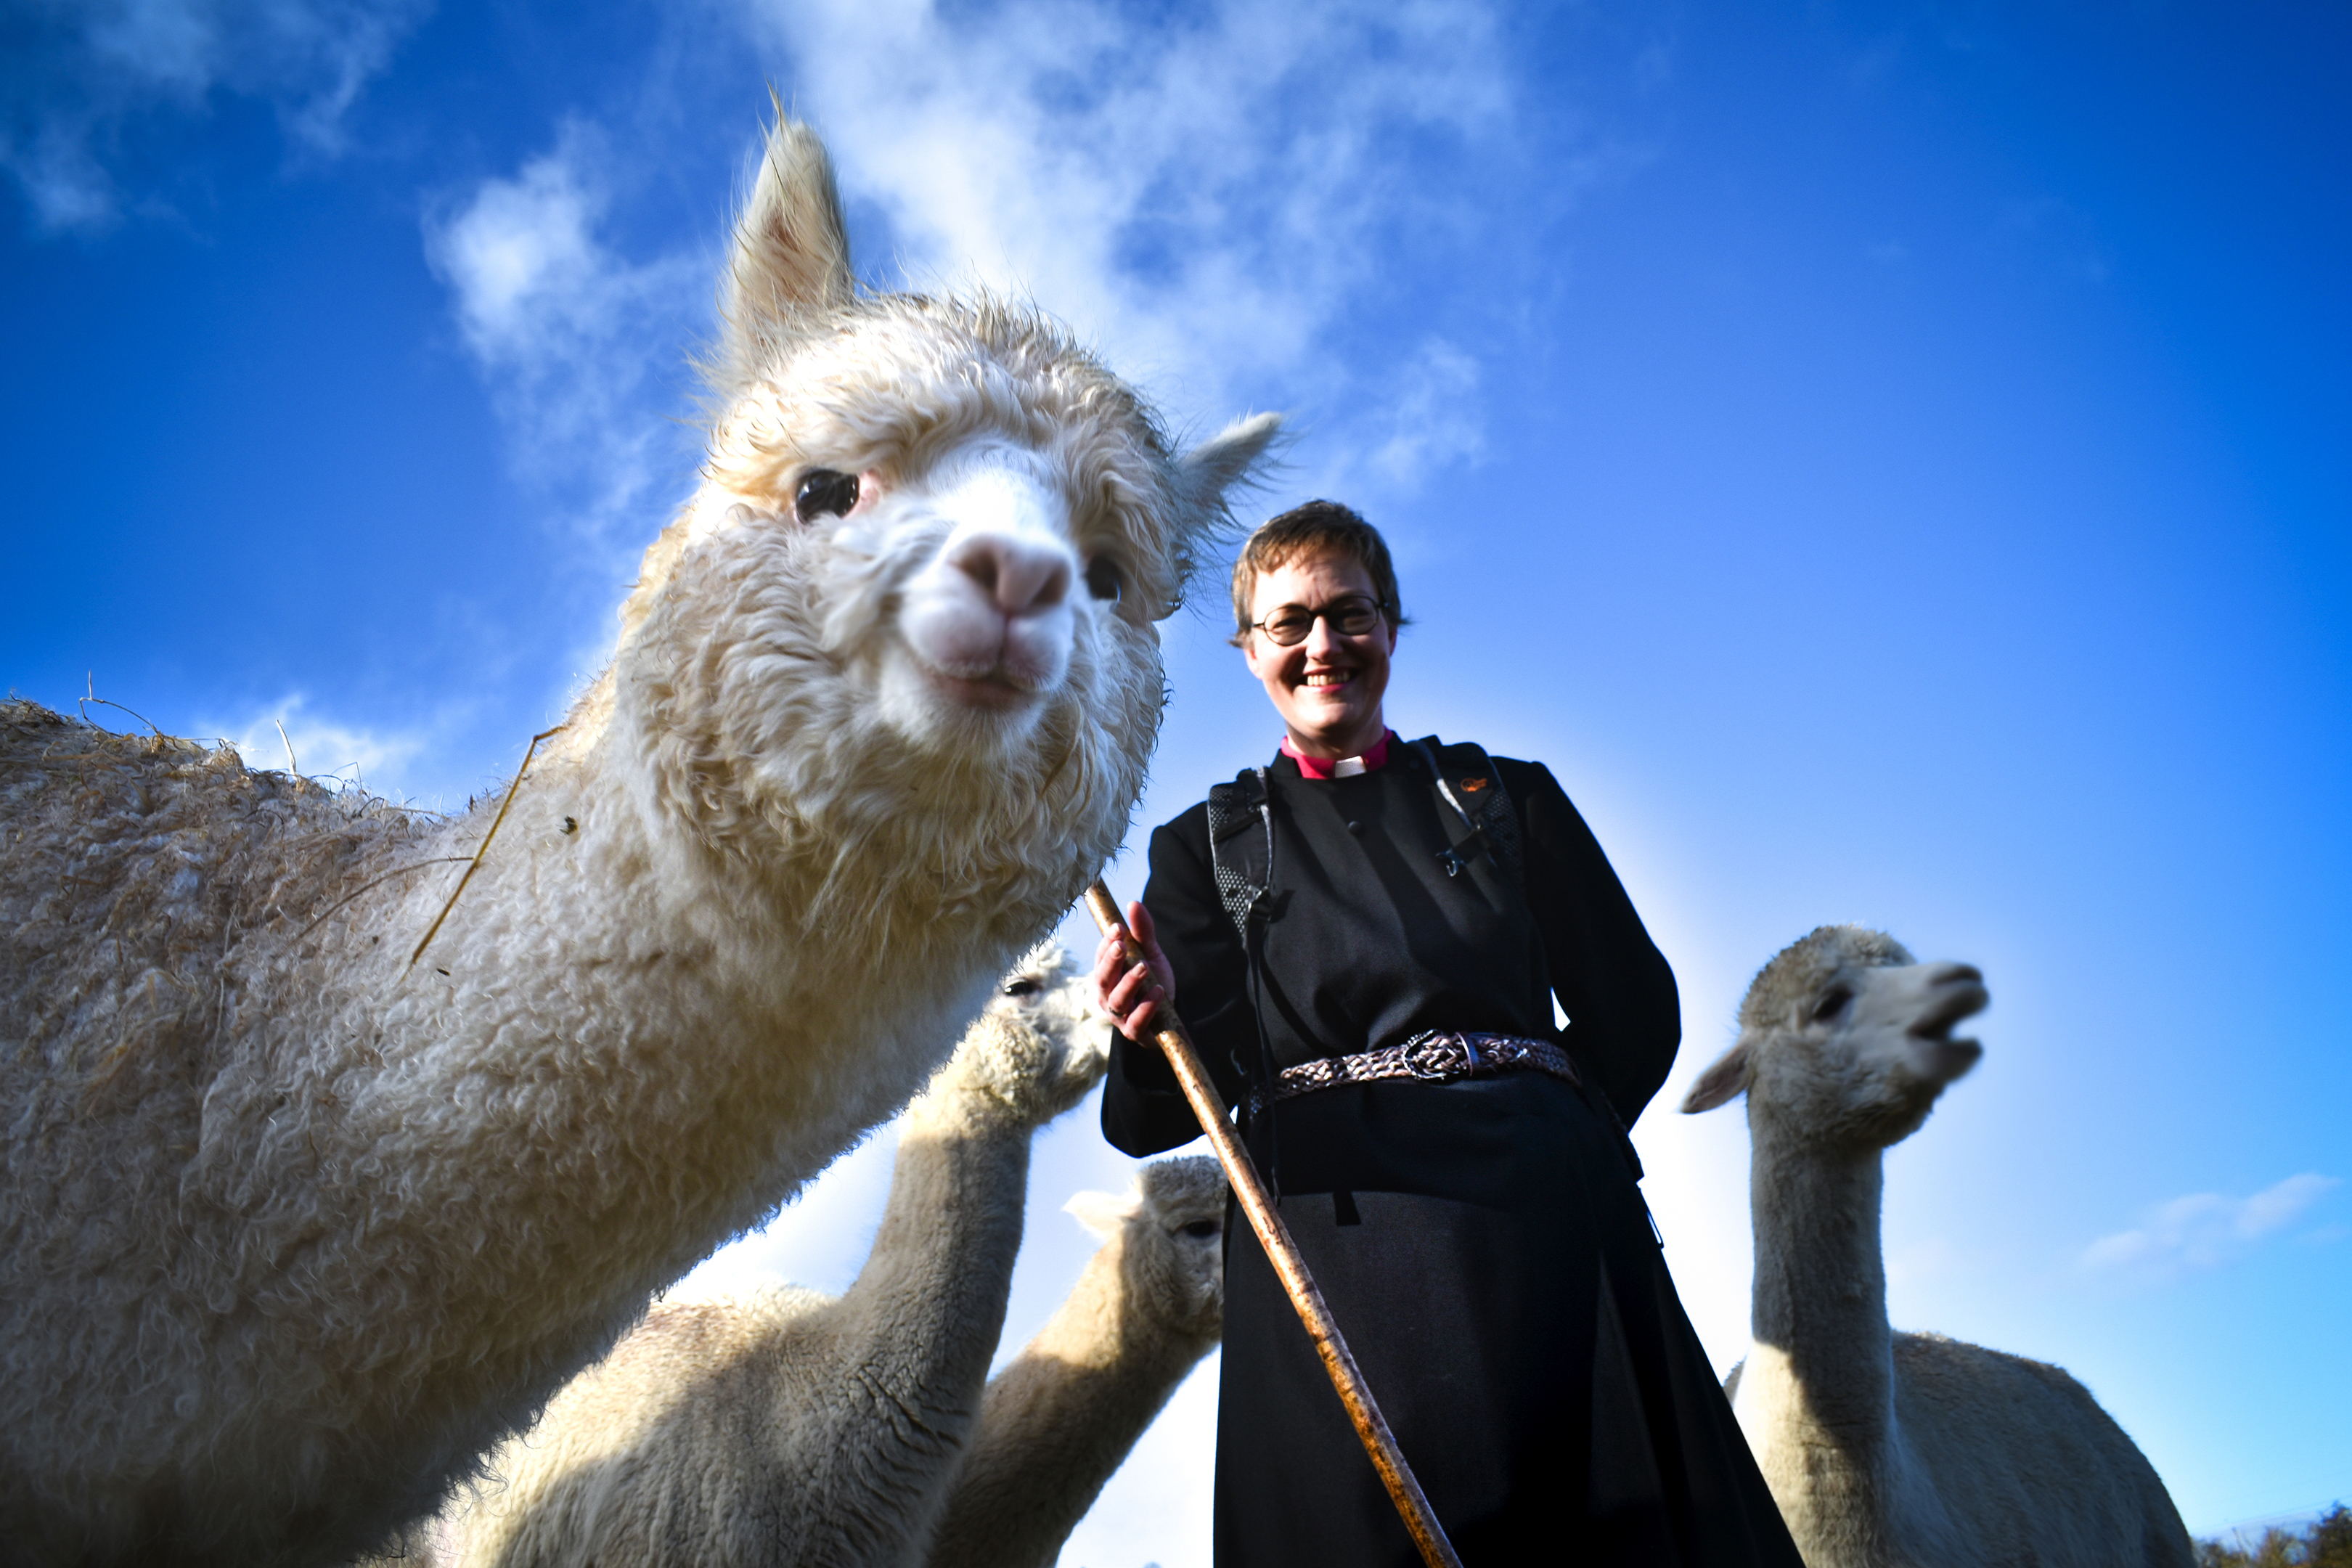 Rev Redman meets Alpacas ahead of her trek in Peru